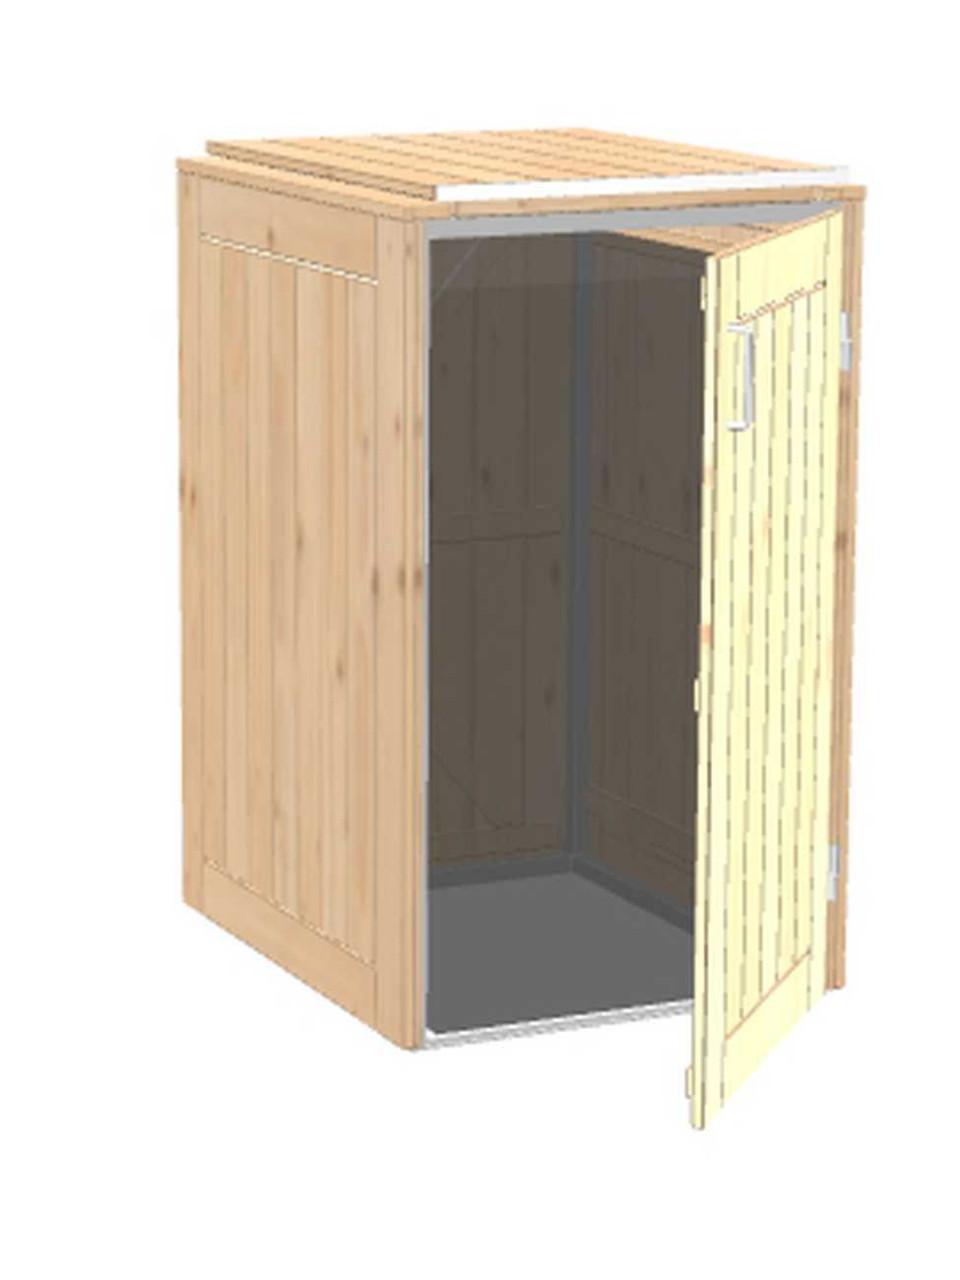 Mülltonnenbox Binto 1-er Nadelholz mit Klappdeckel